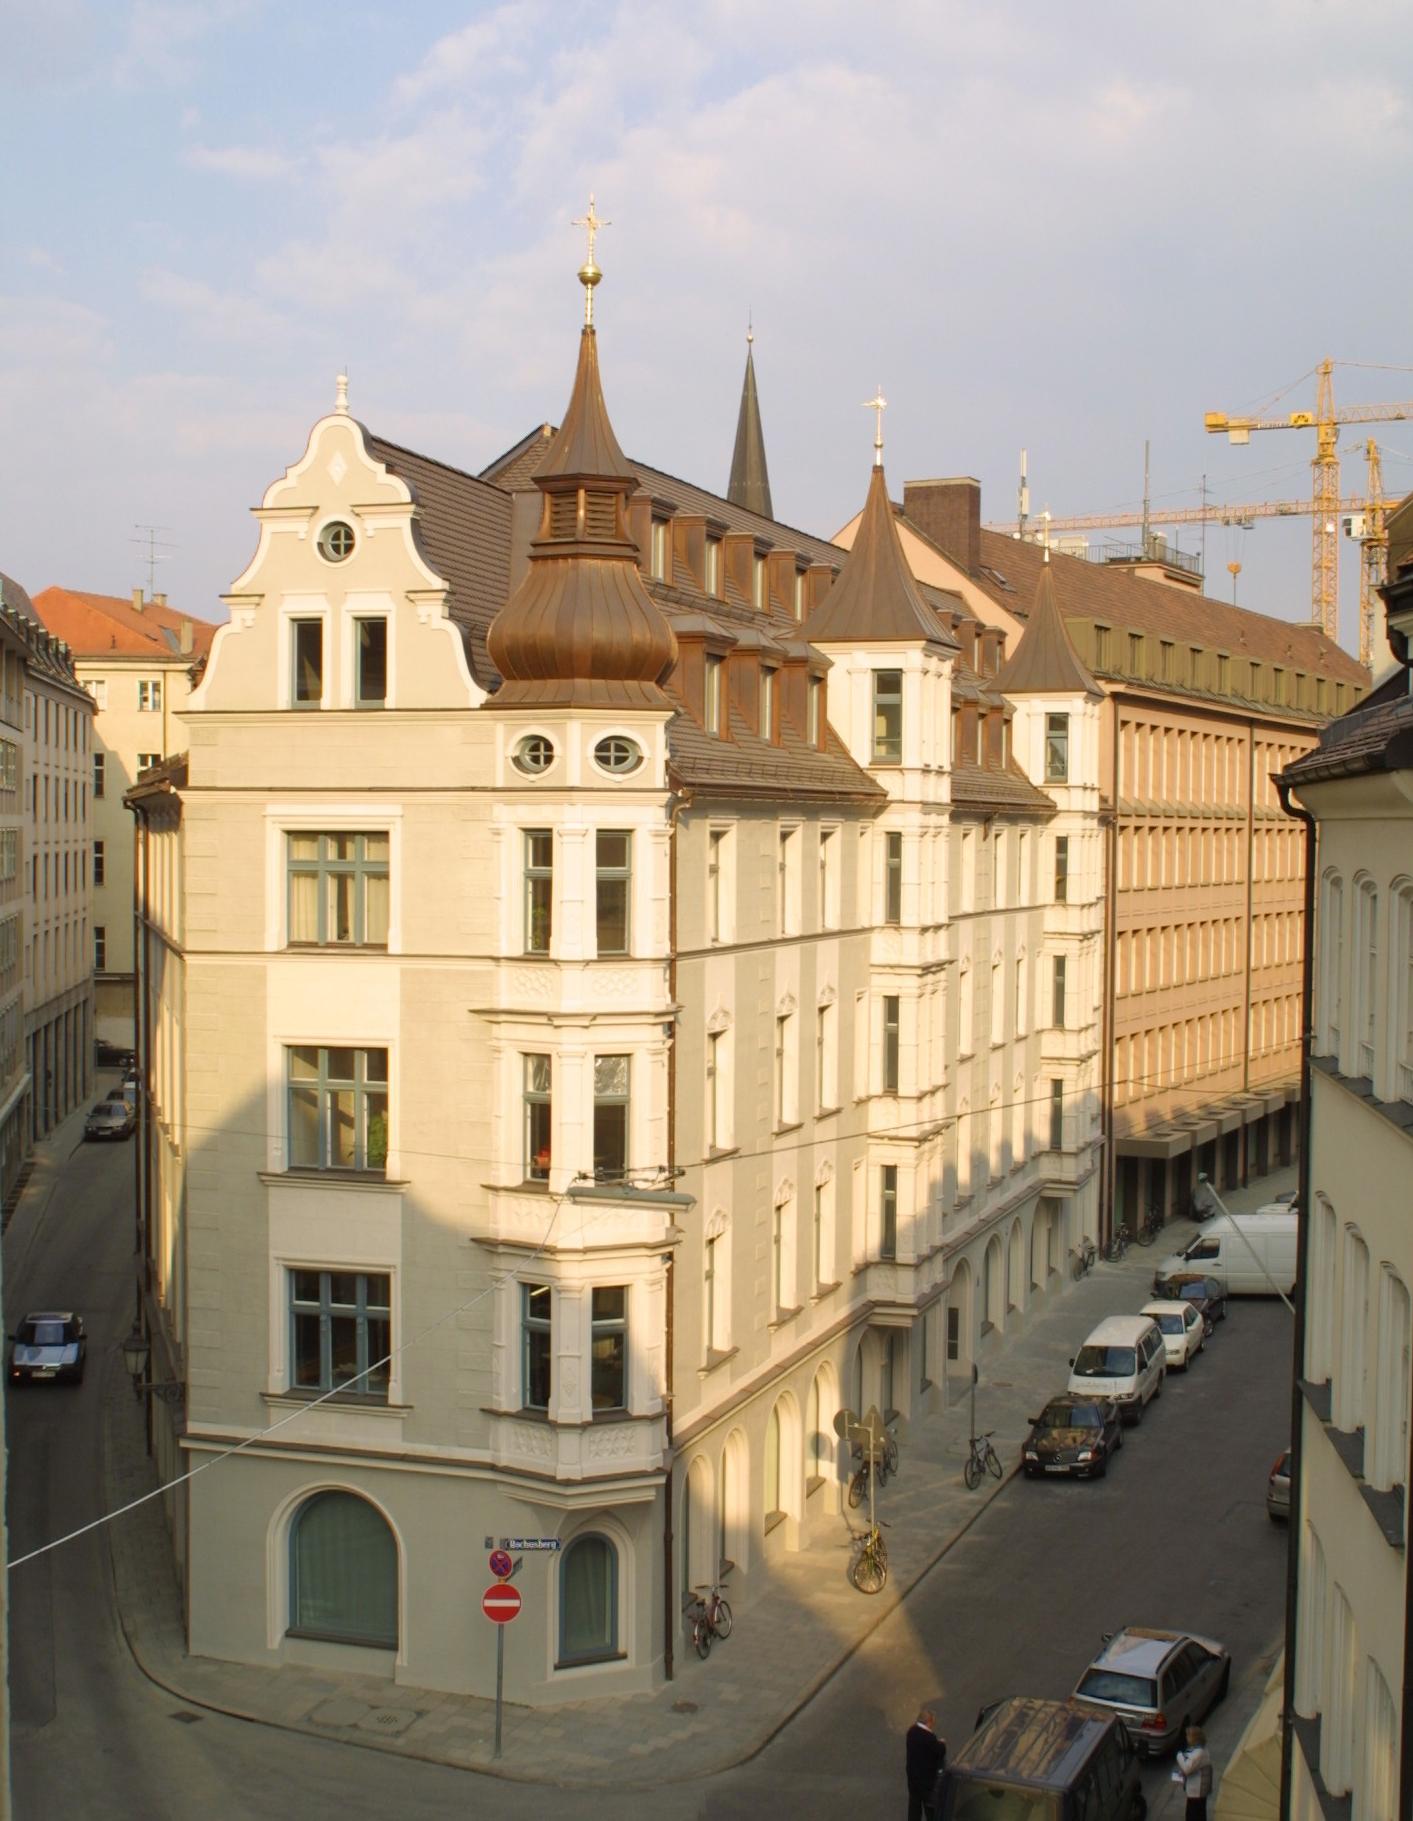 Unutzung, Erweiterung + Teilentkernung Denkmal geschütztes Gebäude - 5.000 qm NFL , München Altstadt